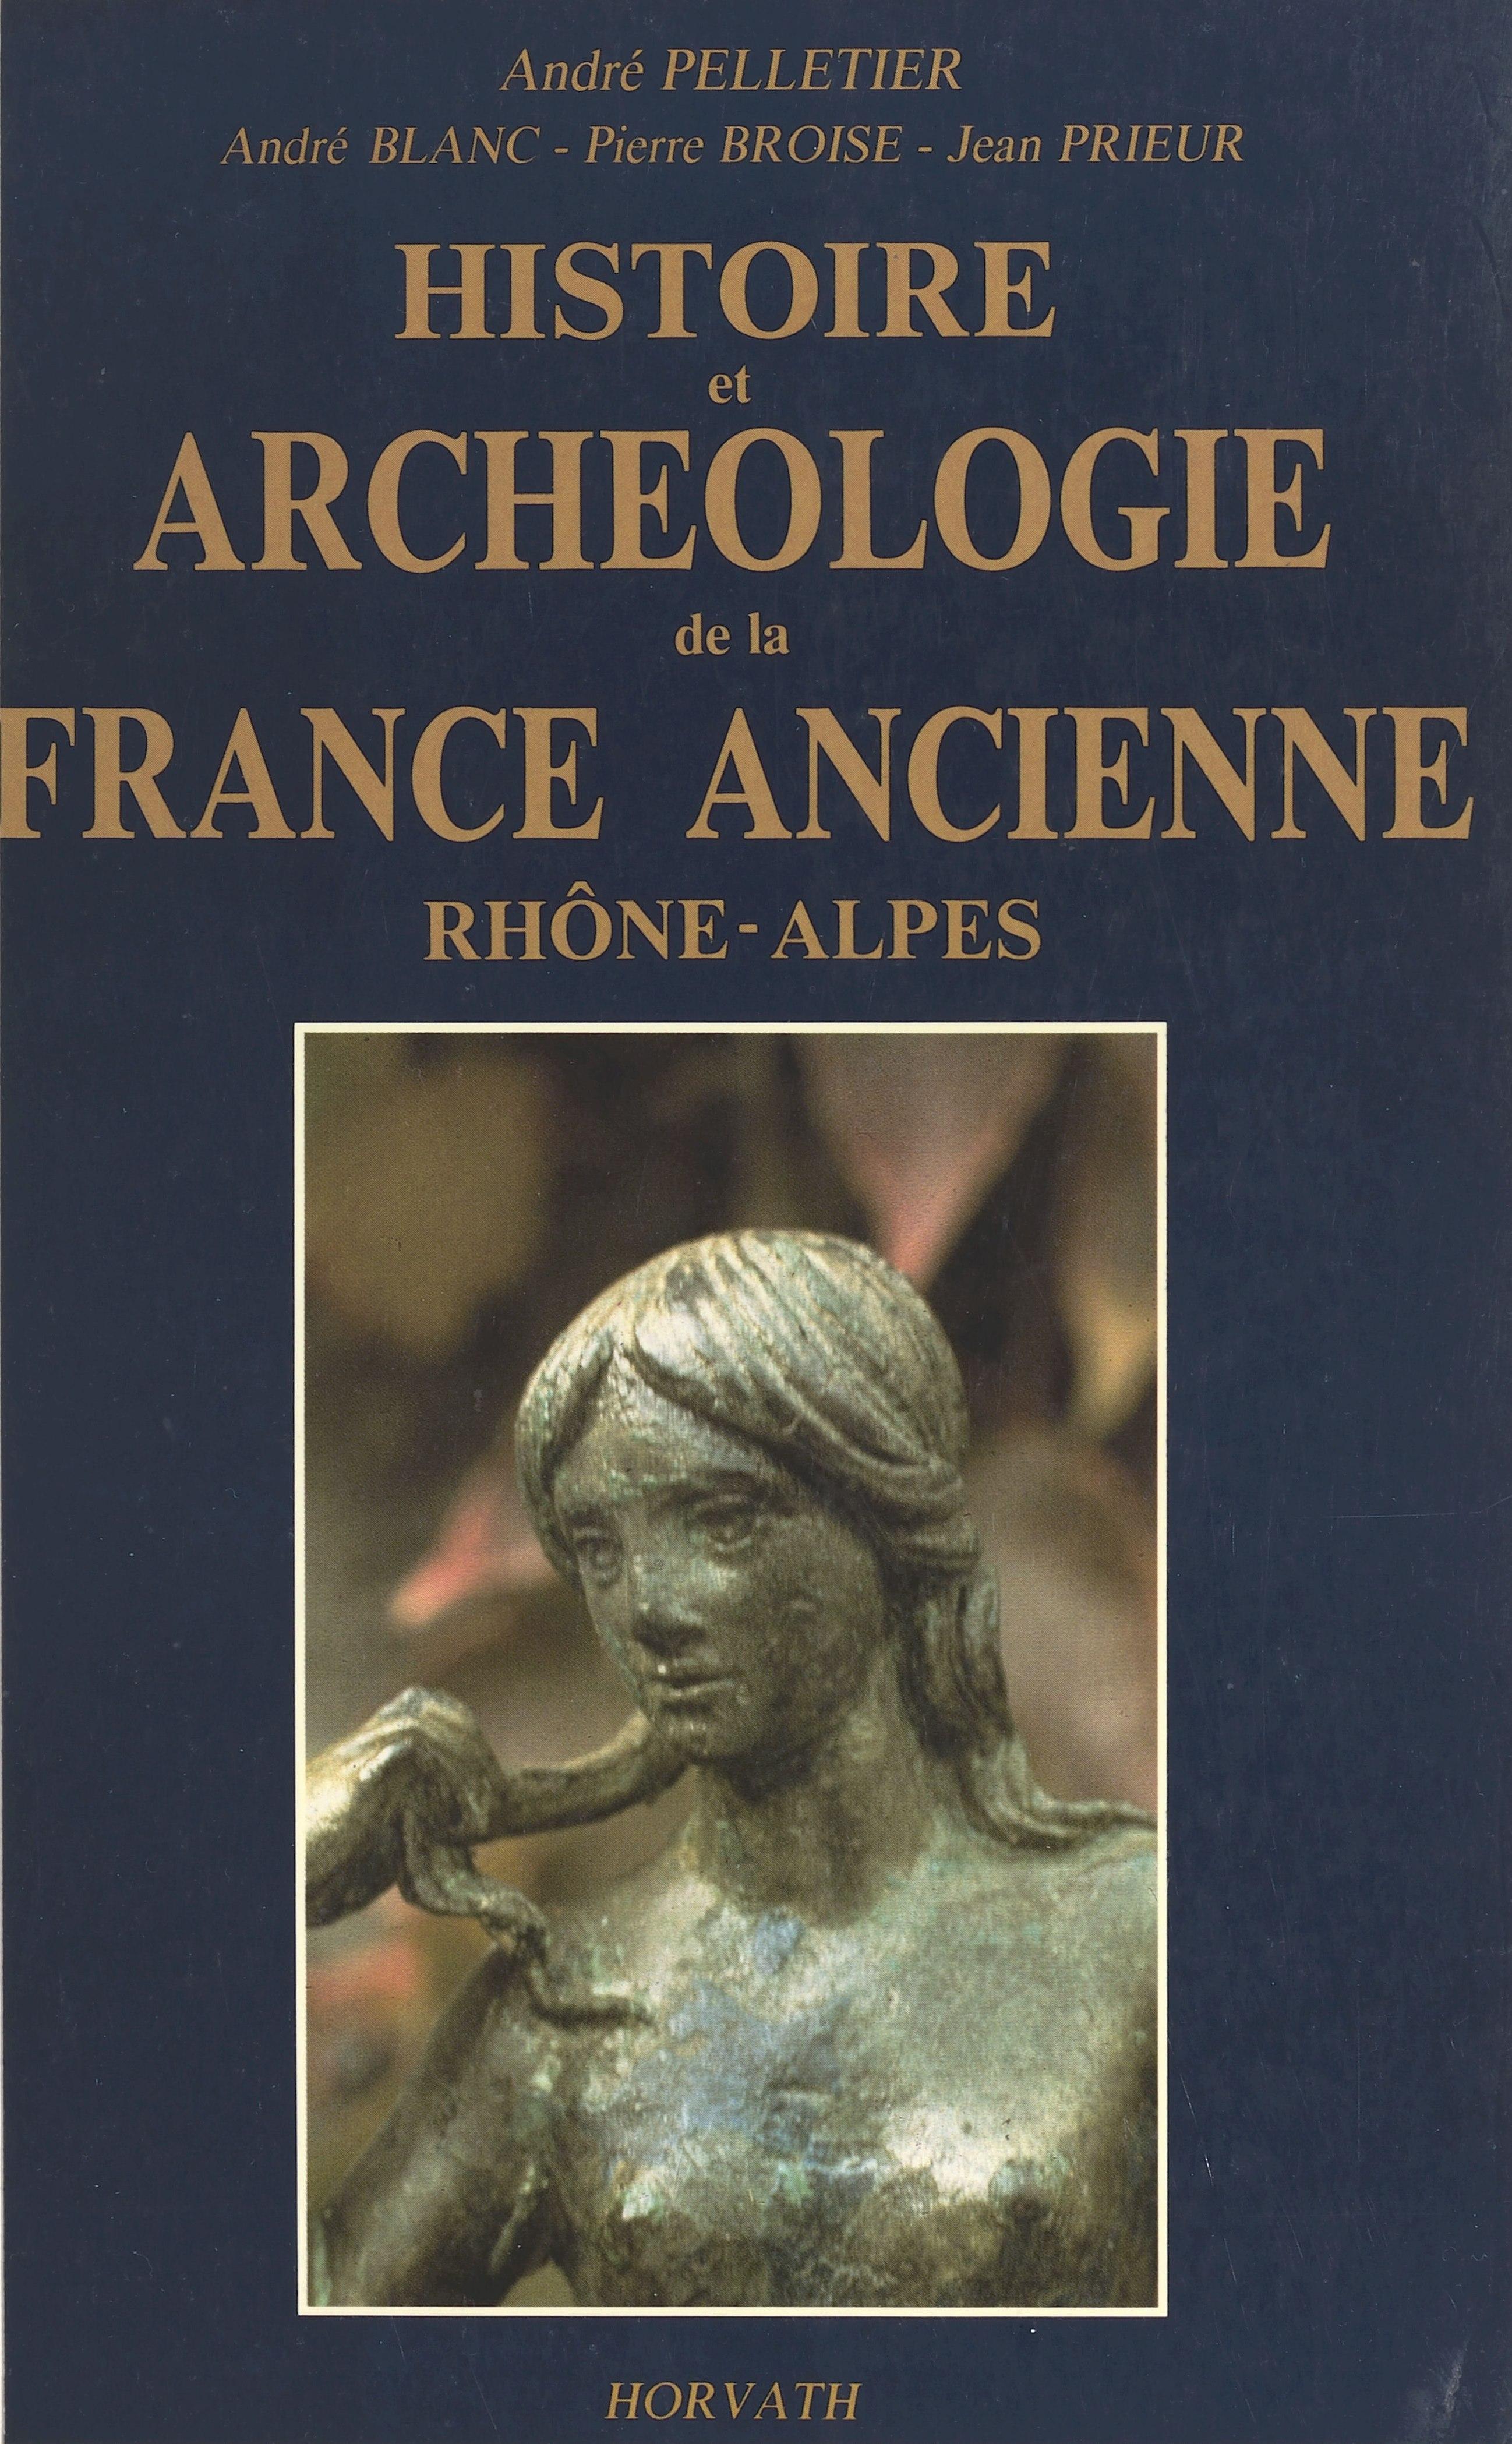 Histoire et archéologie de la France ancienne : Rhône-Alpes